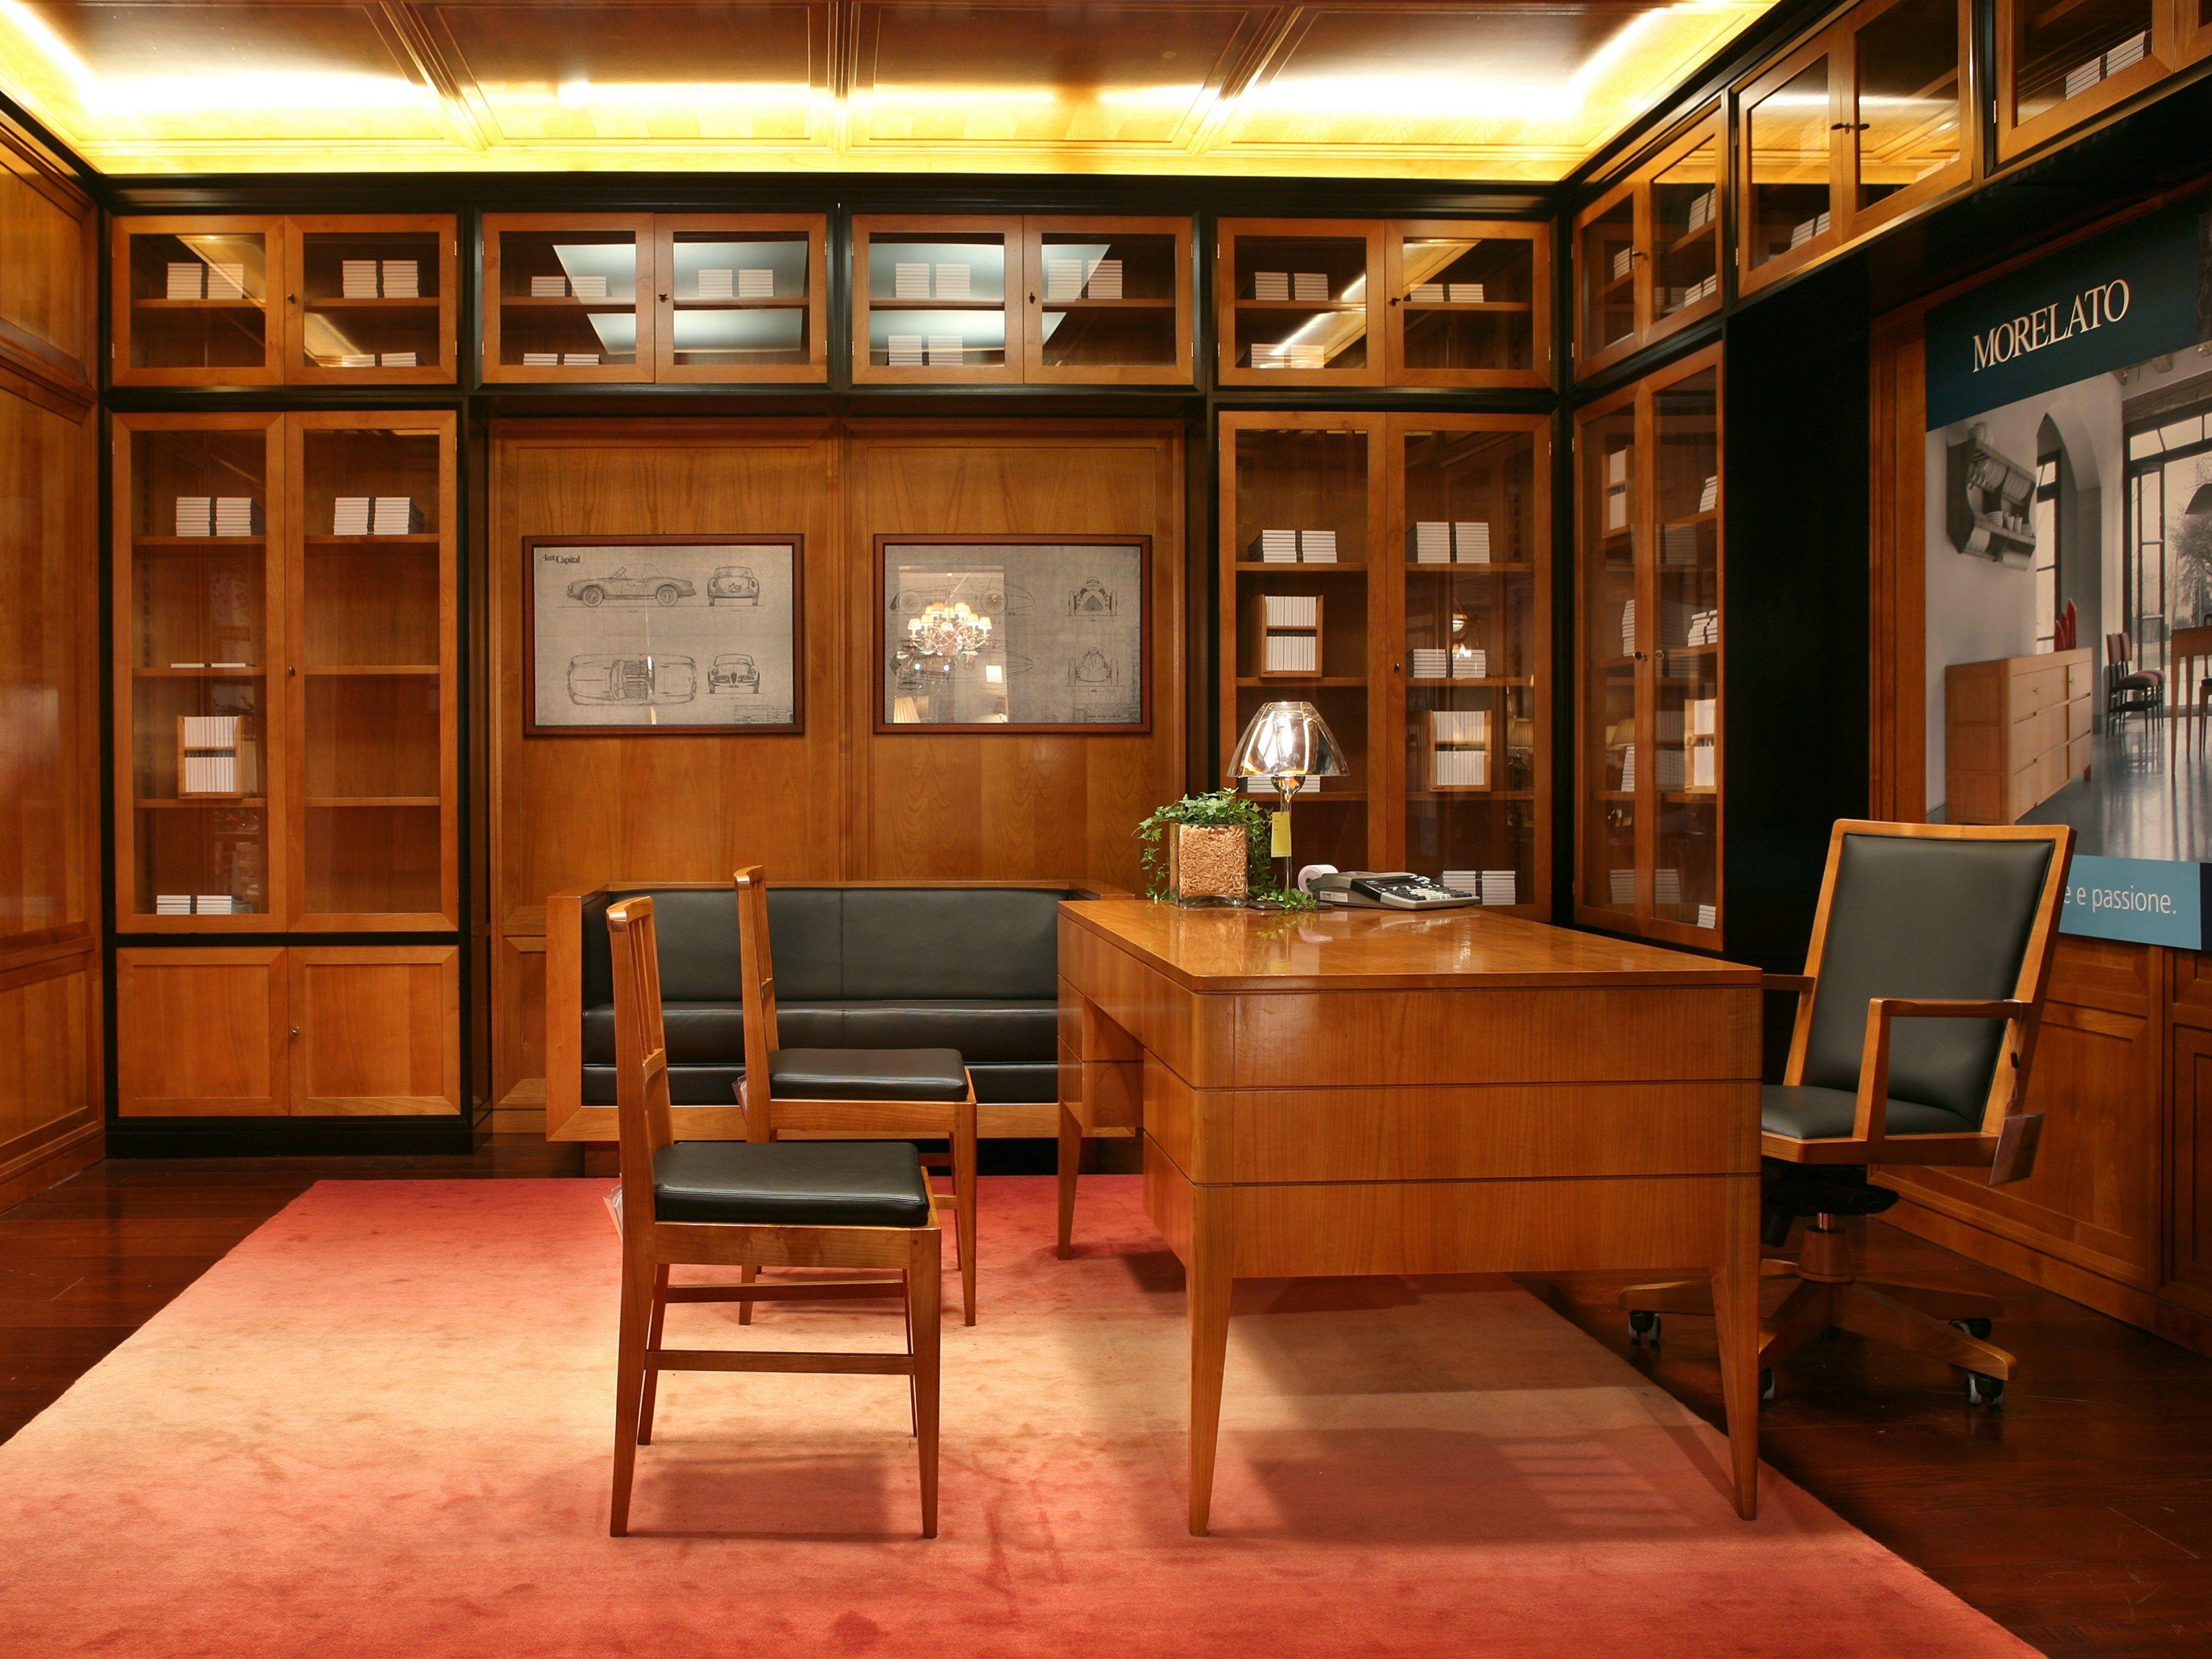 Boss poltrona ufficio direzionale by morelato design for Poltrona ufficio